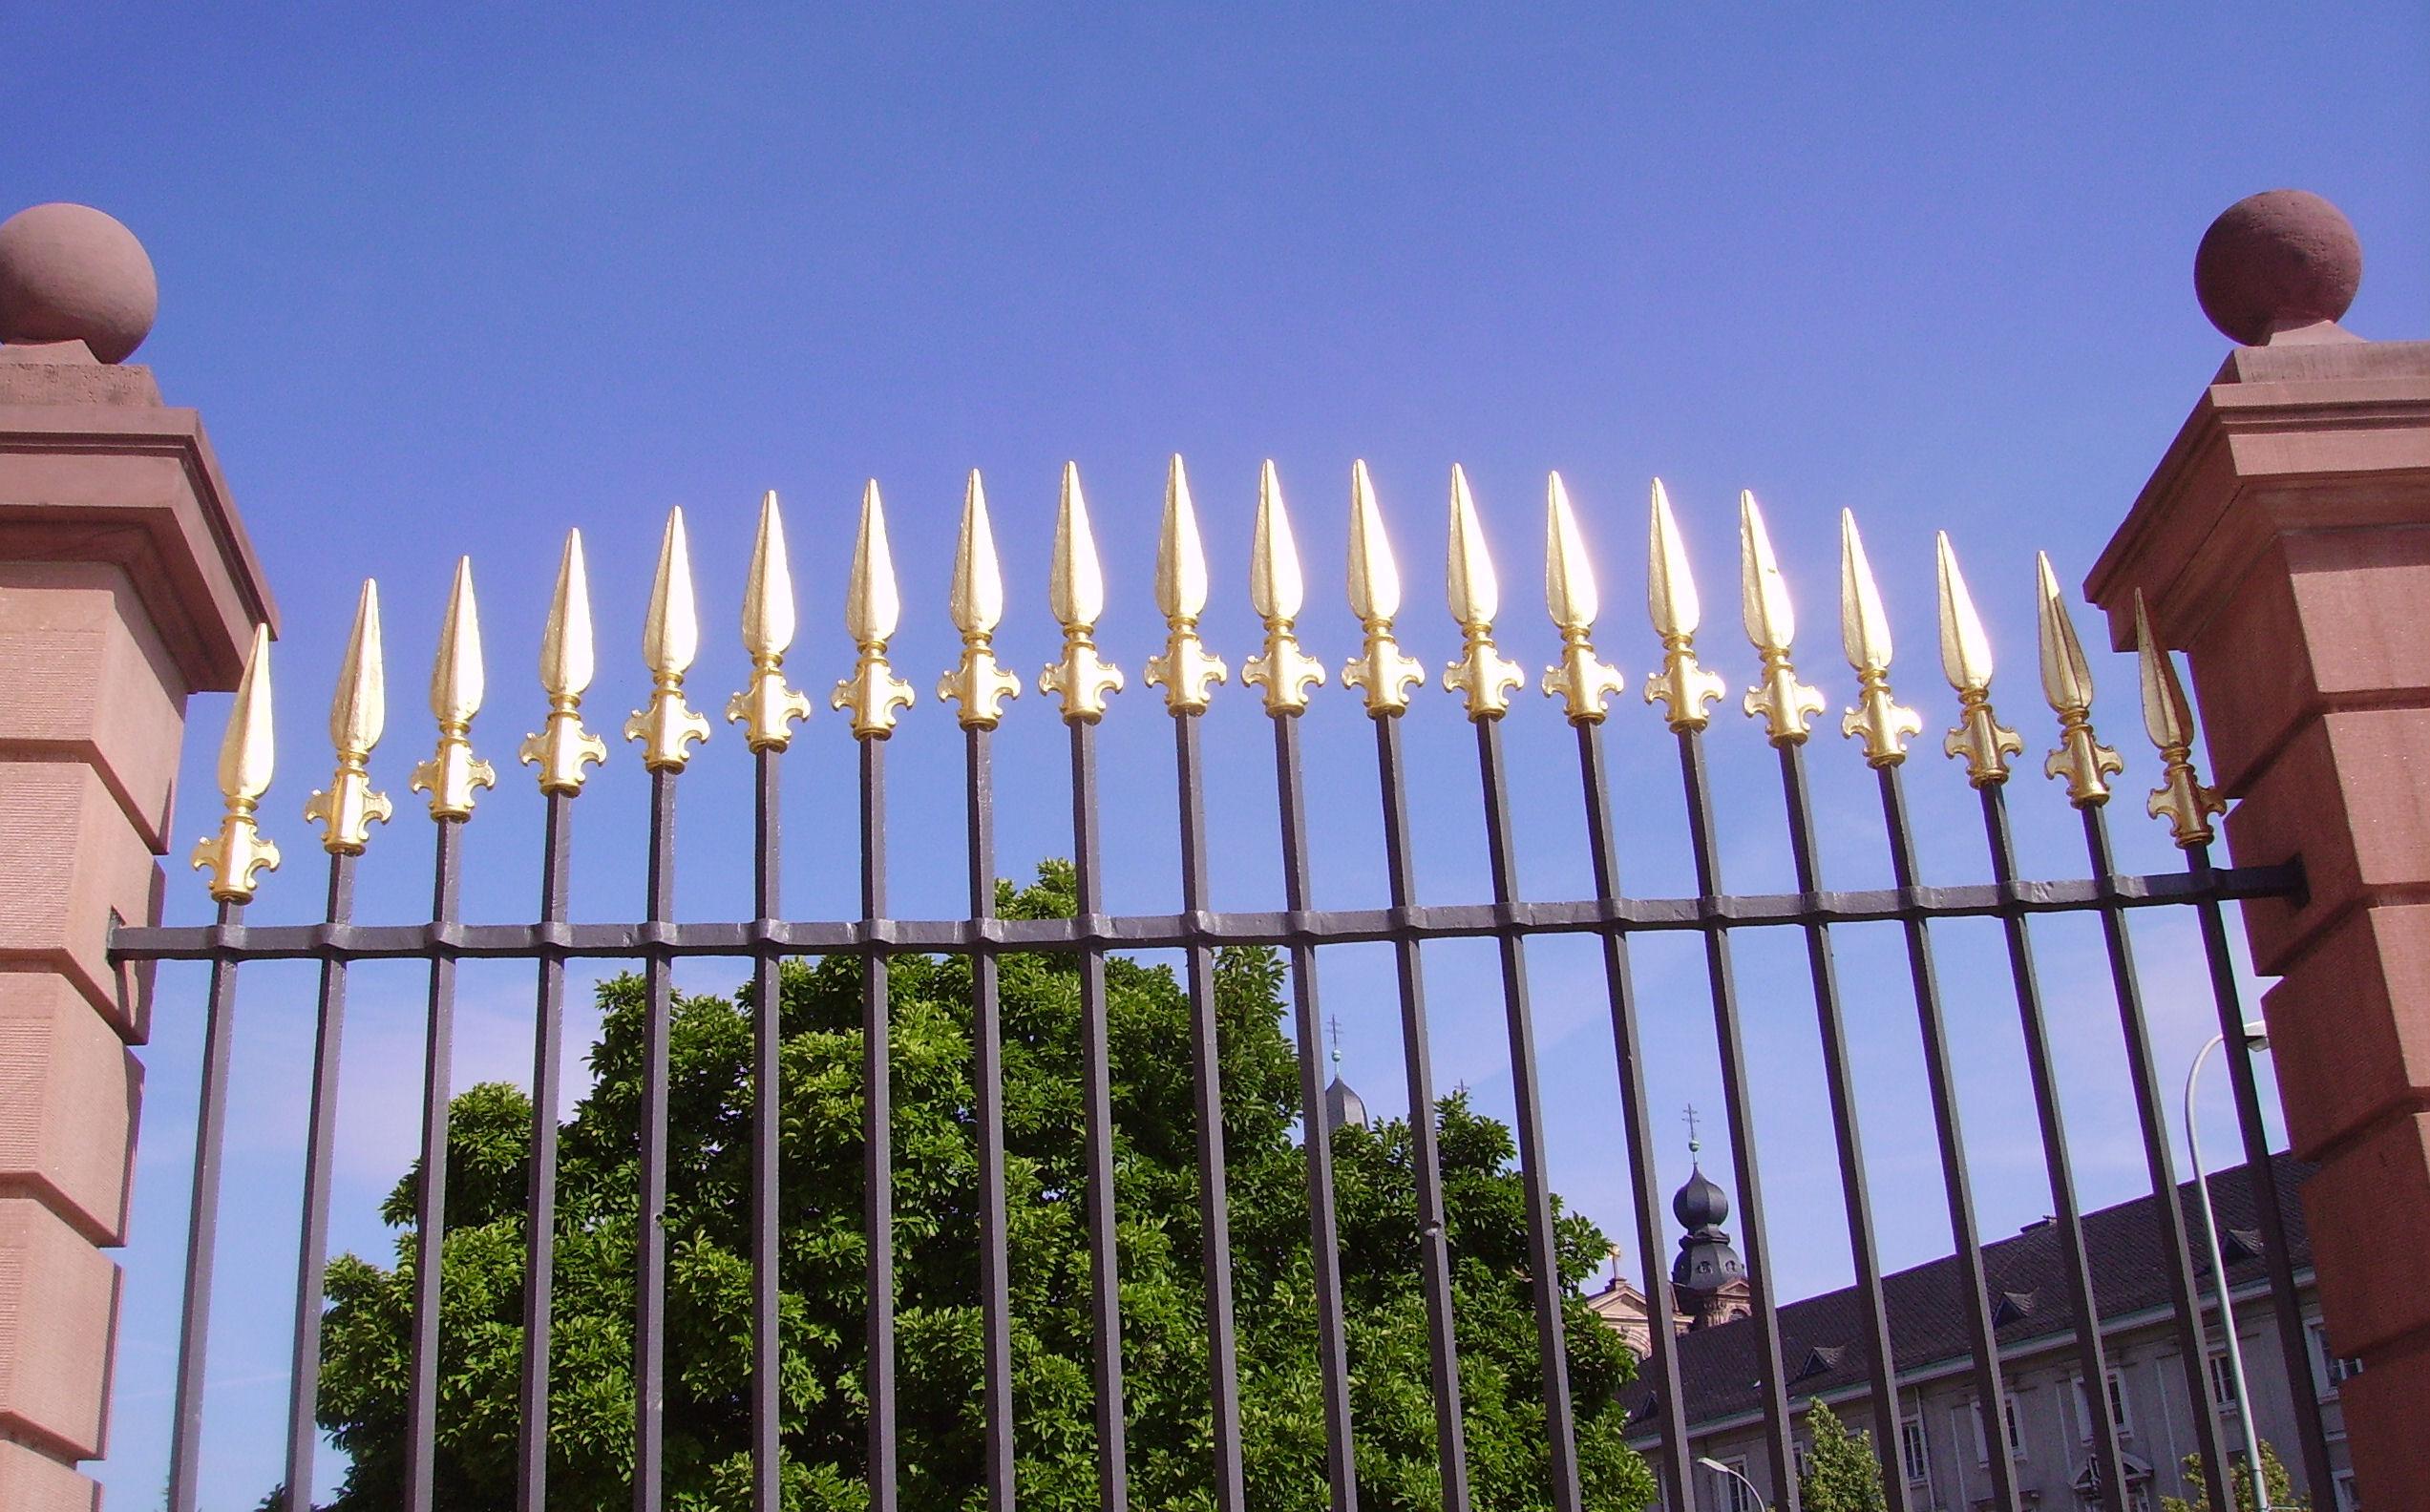 File:Zaun am Mannheimer Schloss.JPG - Wikimedia Commons